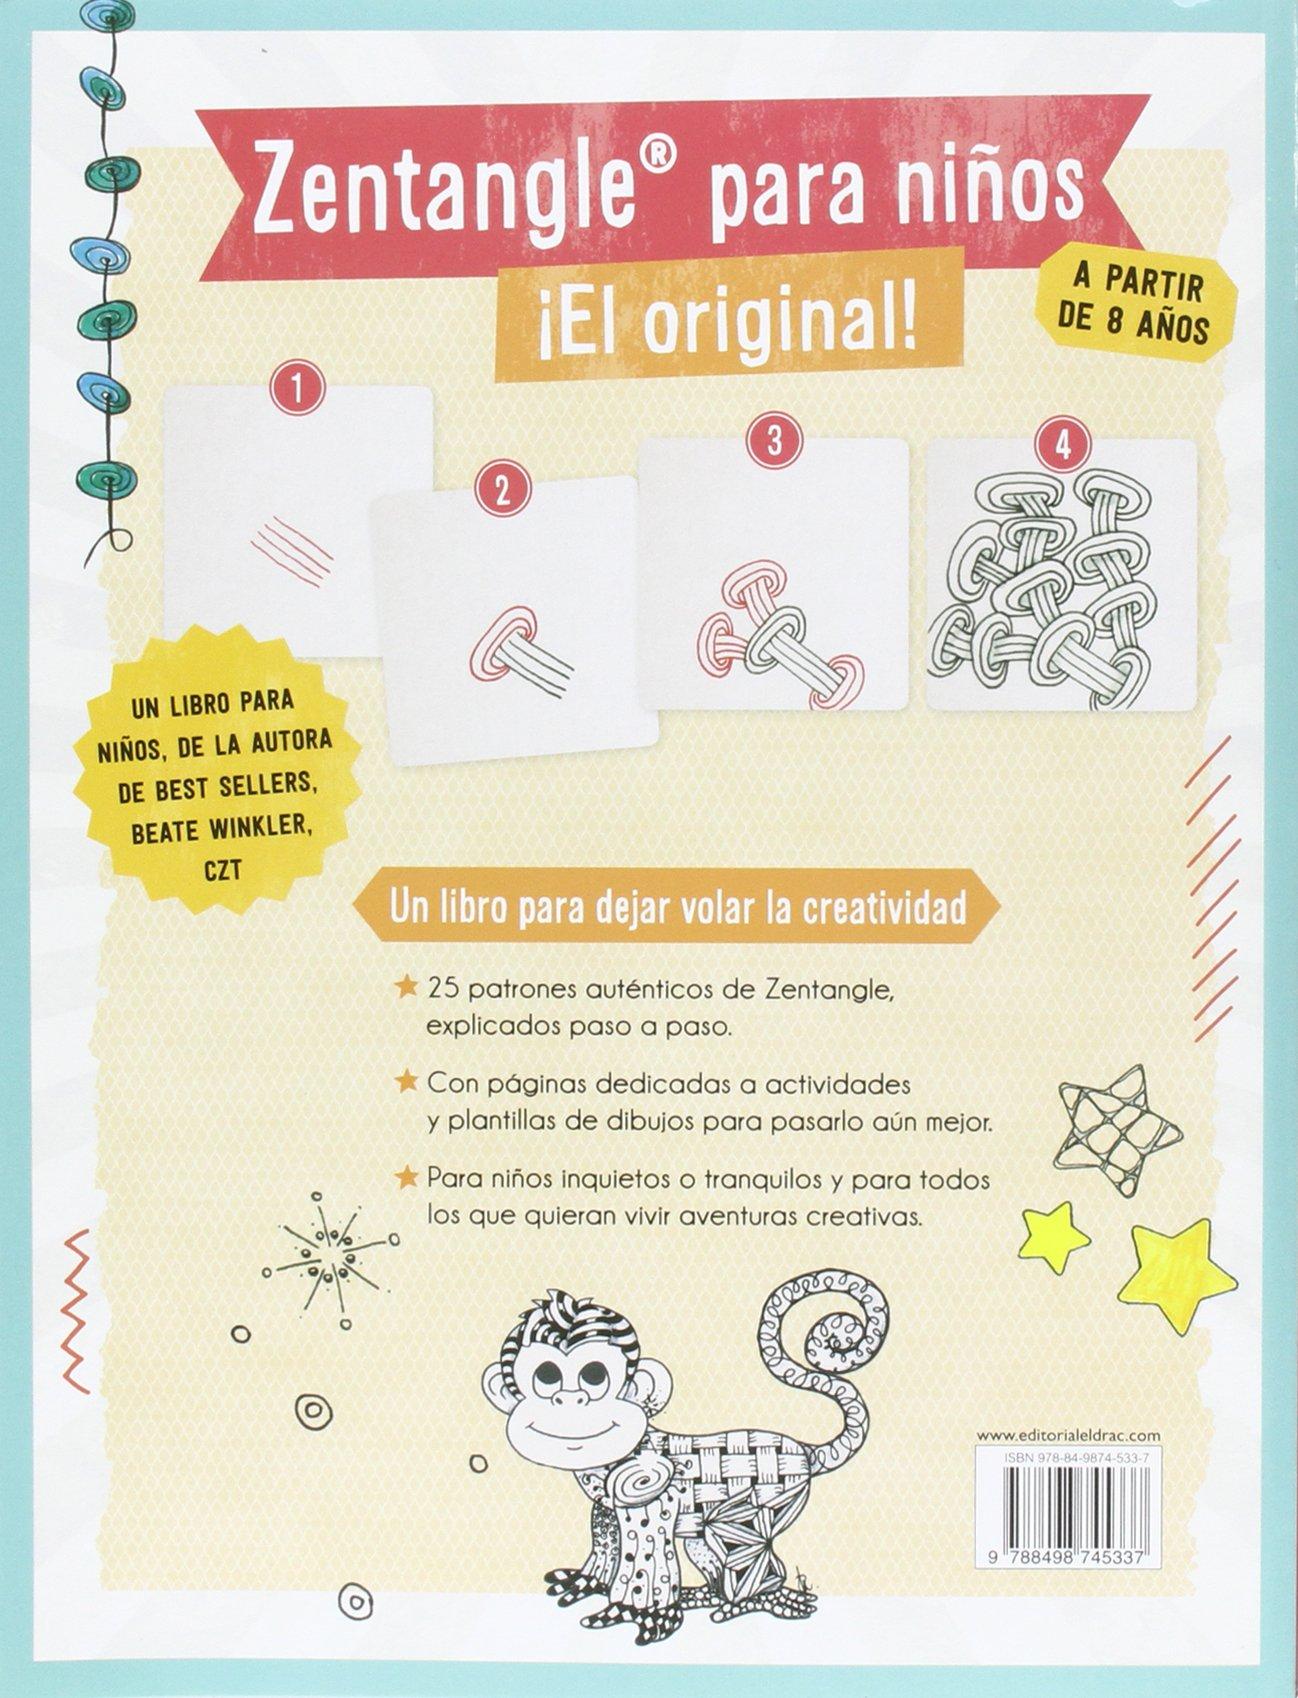 Zentangle Para Niños: Amazon.es: Beate Winkler, Anna Coll García: Libros